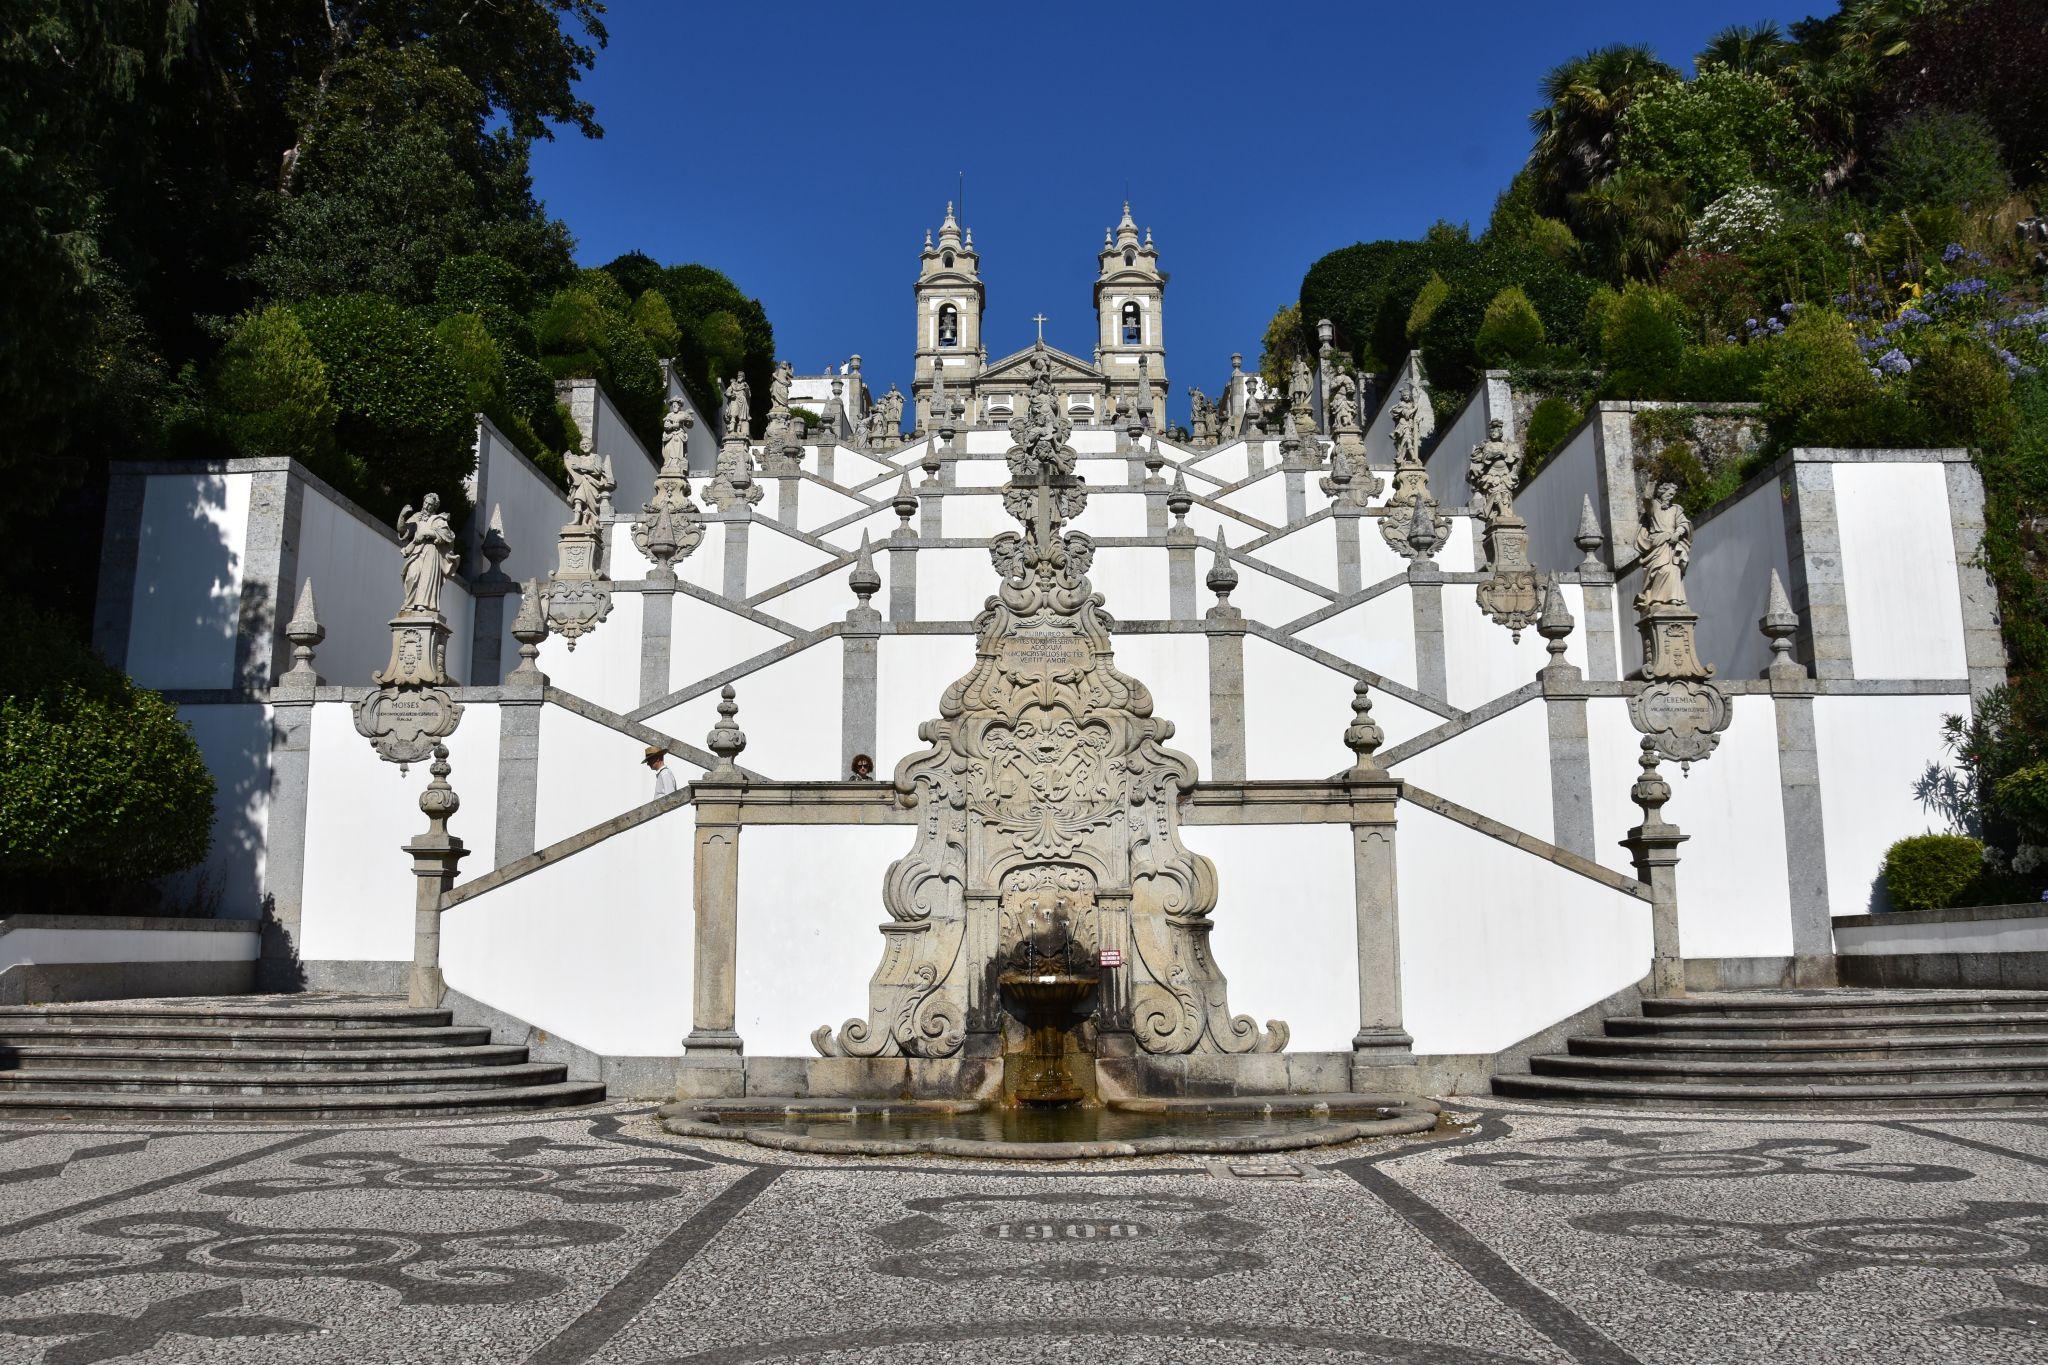 Stairway of Bom Jesus, Portugal